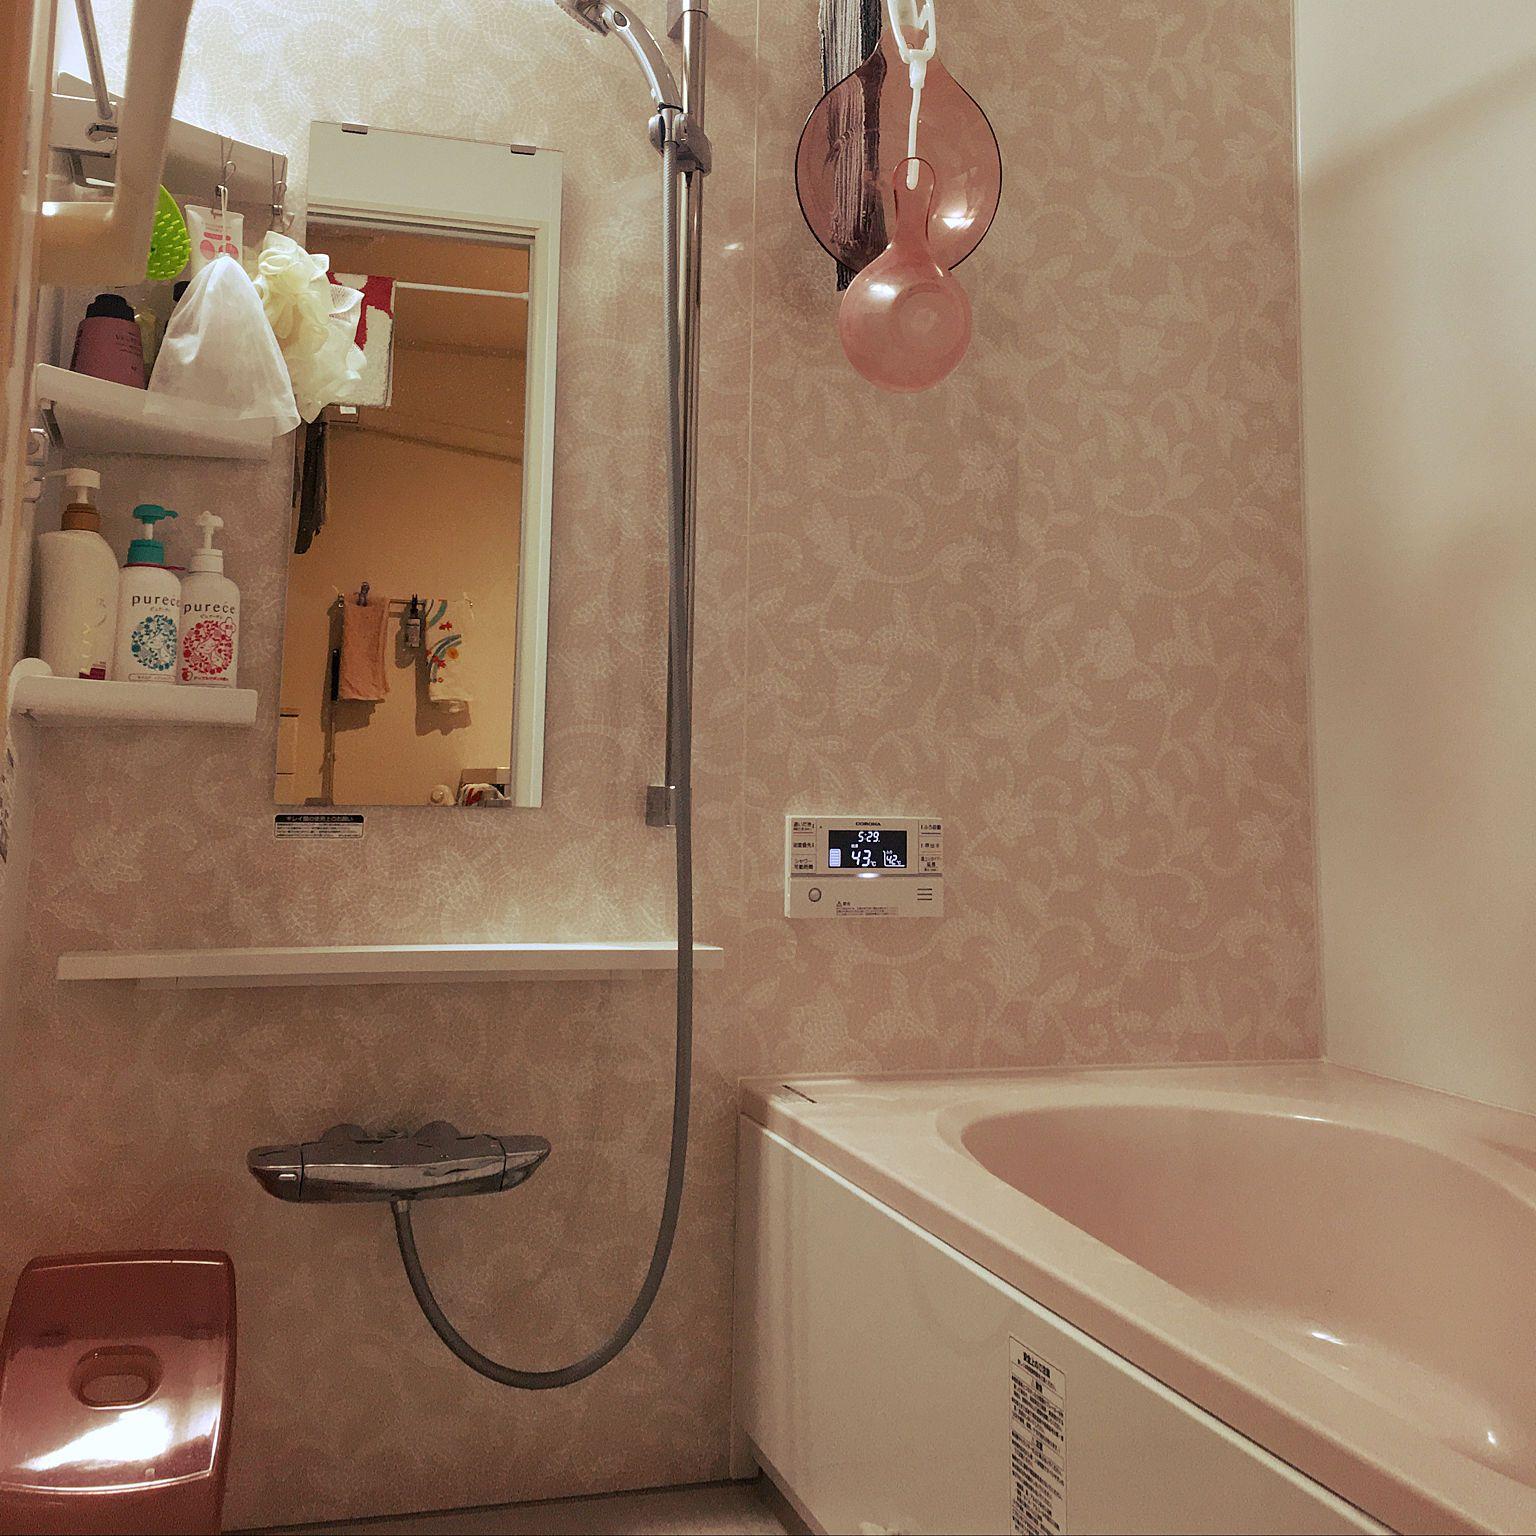 バス トイレ エレガントモザイク アライズ1616 お風呂 Lixilの